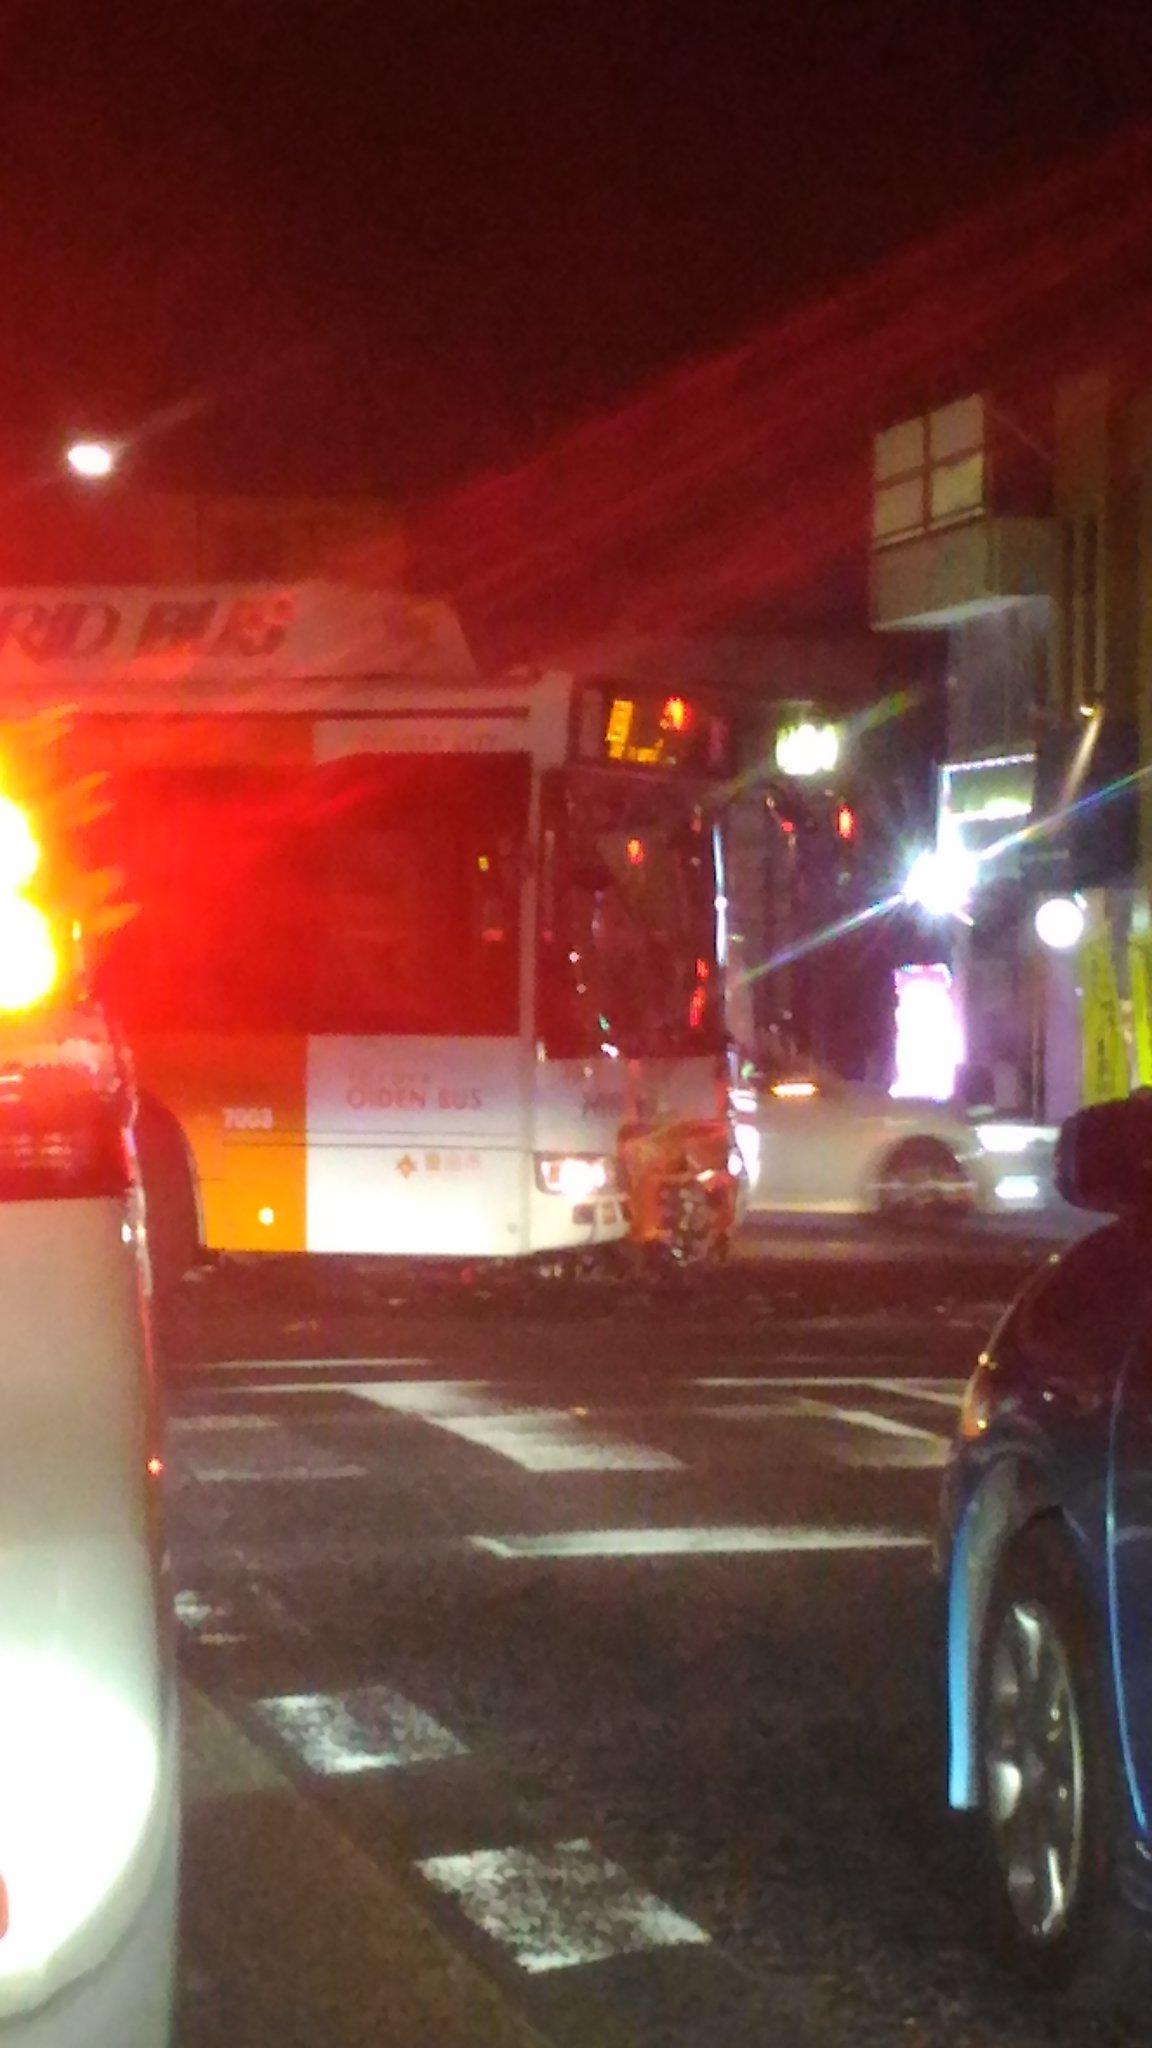 画像,豊田市駅前で、バスと大型二輪の事故。皆さんご安全にお帰り下さいませー。 https://t.co/yHWgdckMej。